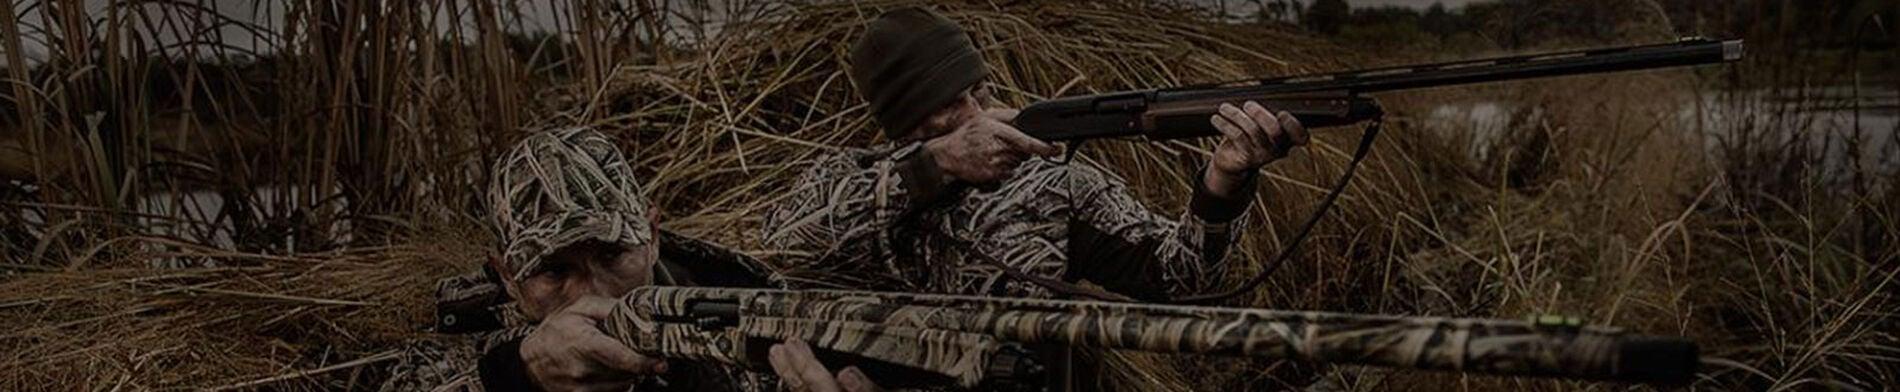 Shooting Waterfowl